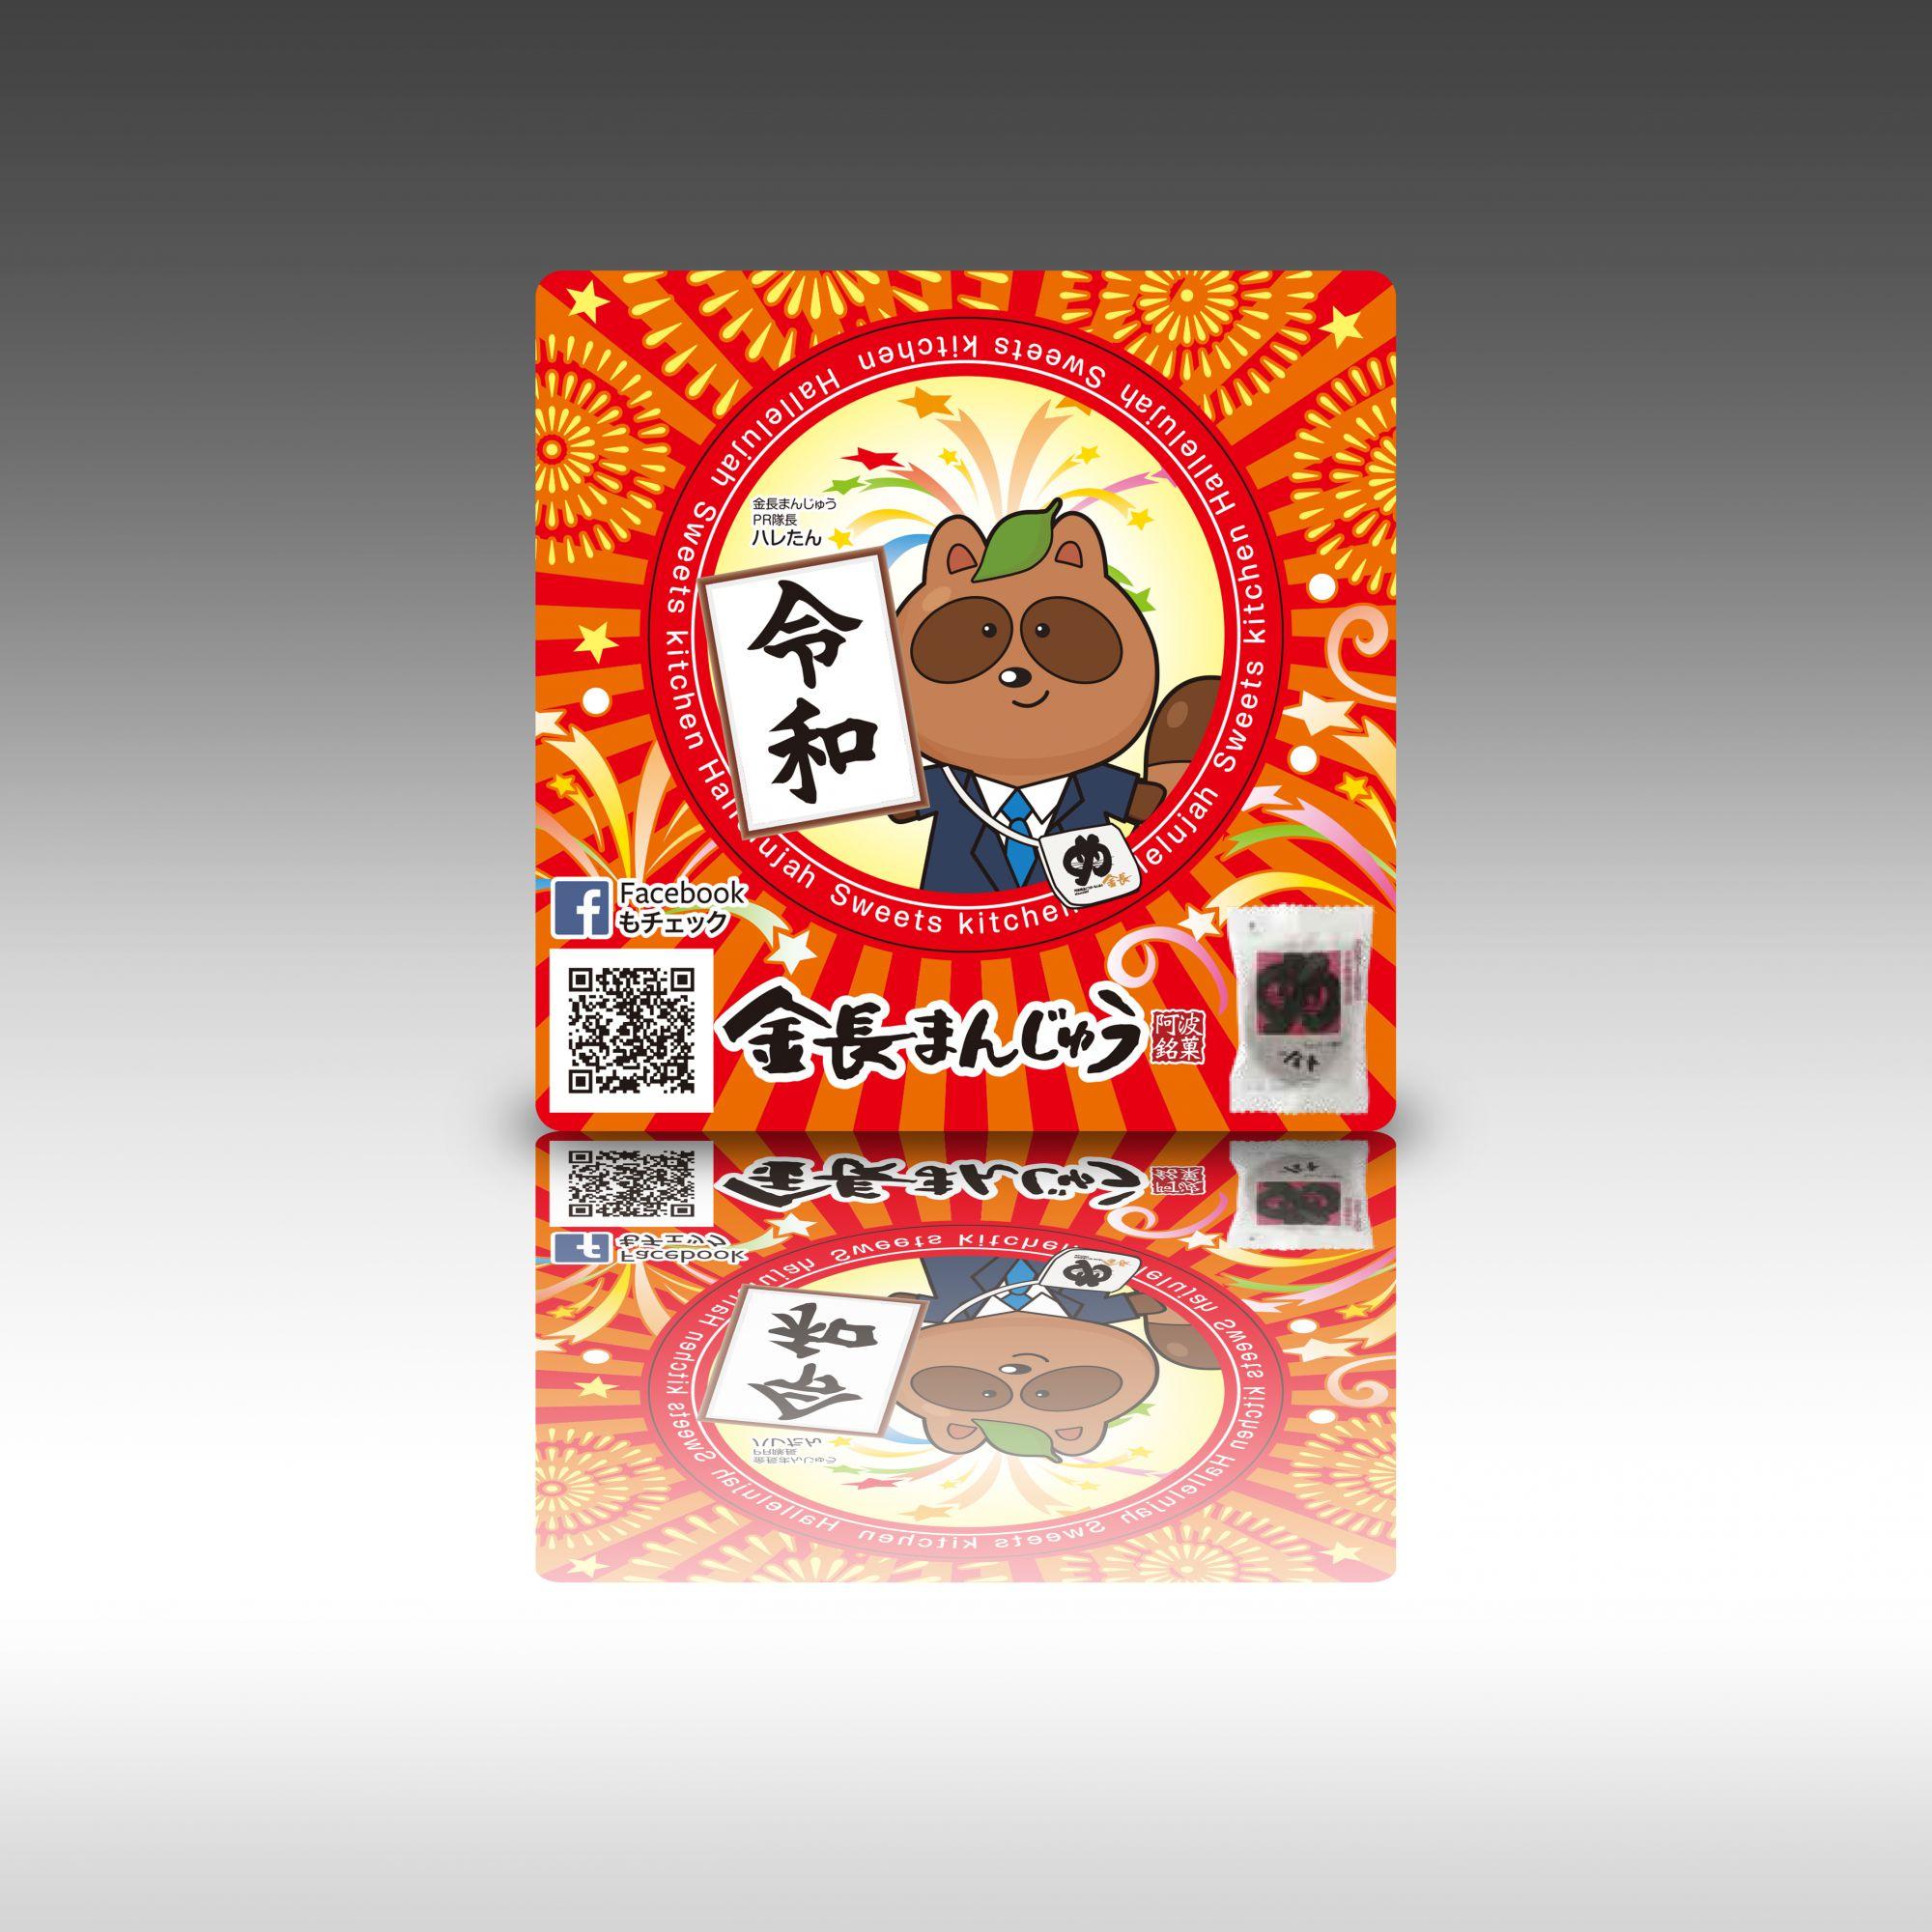 【新元号「令和」ハレたんステッカーが配布開始されますっ!】